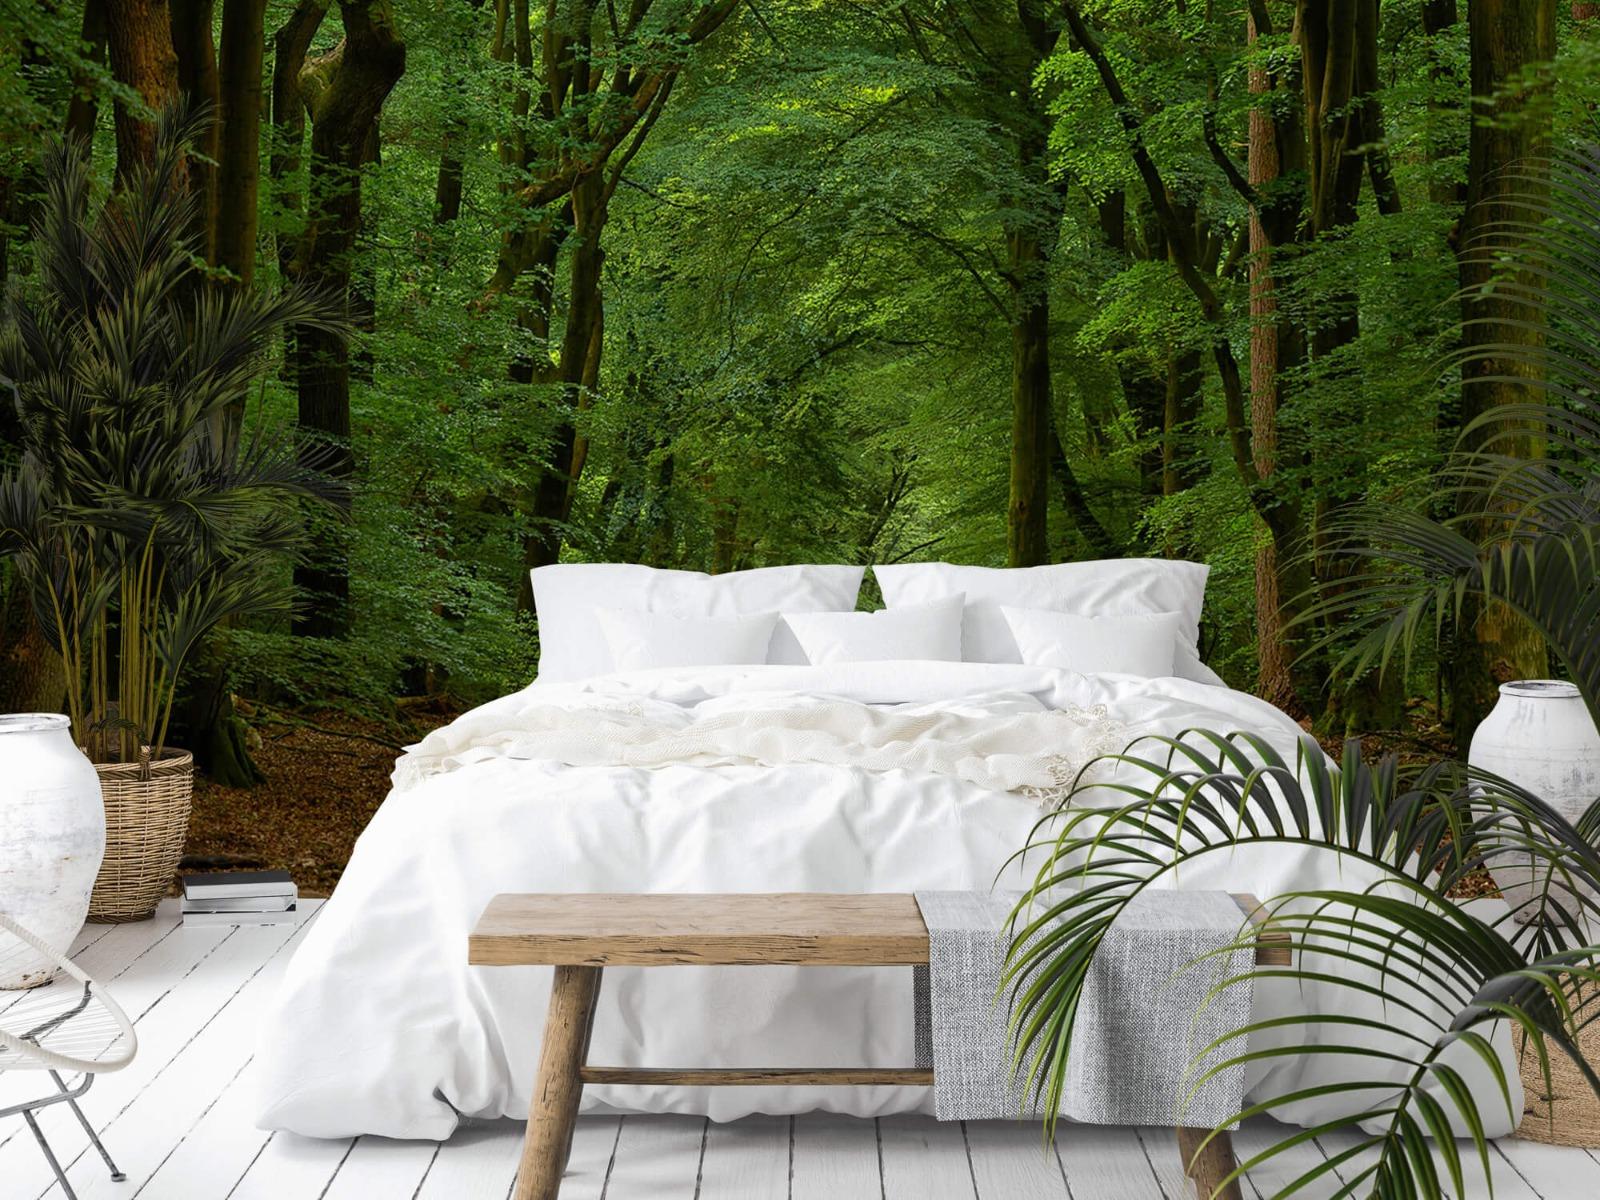 Bomen - Weg door het bos - Slaapkamer 18